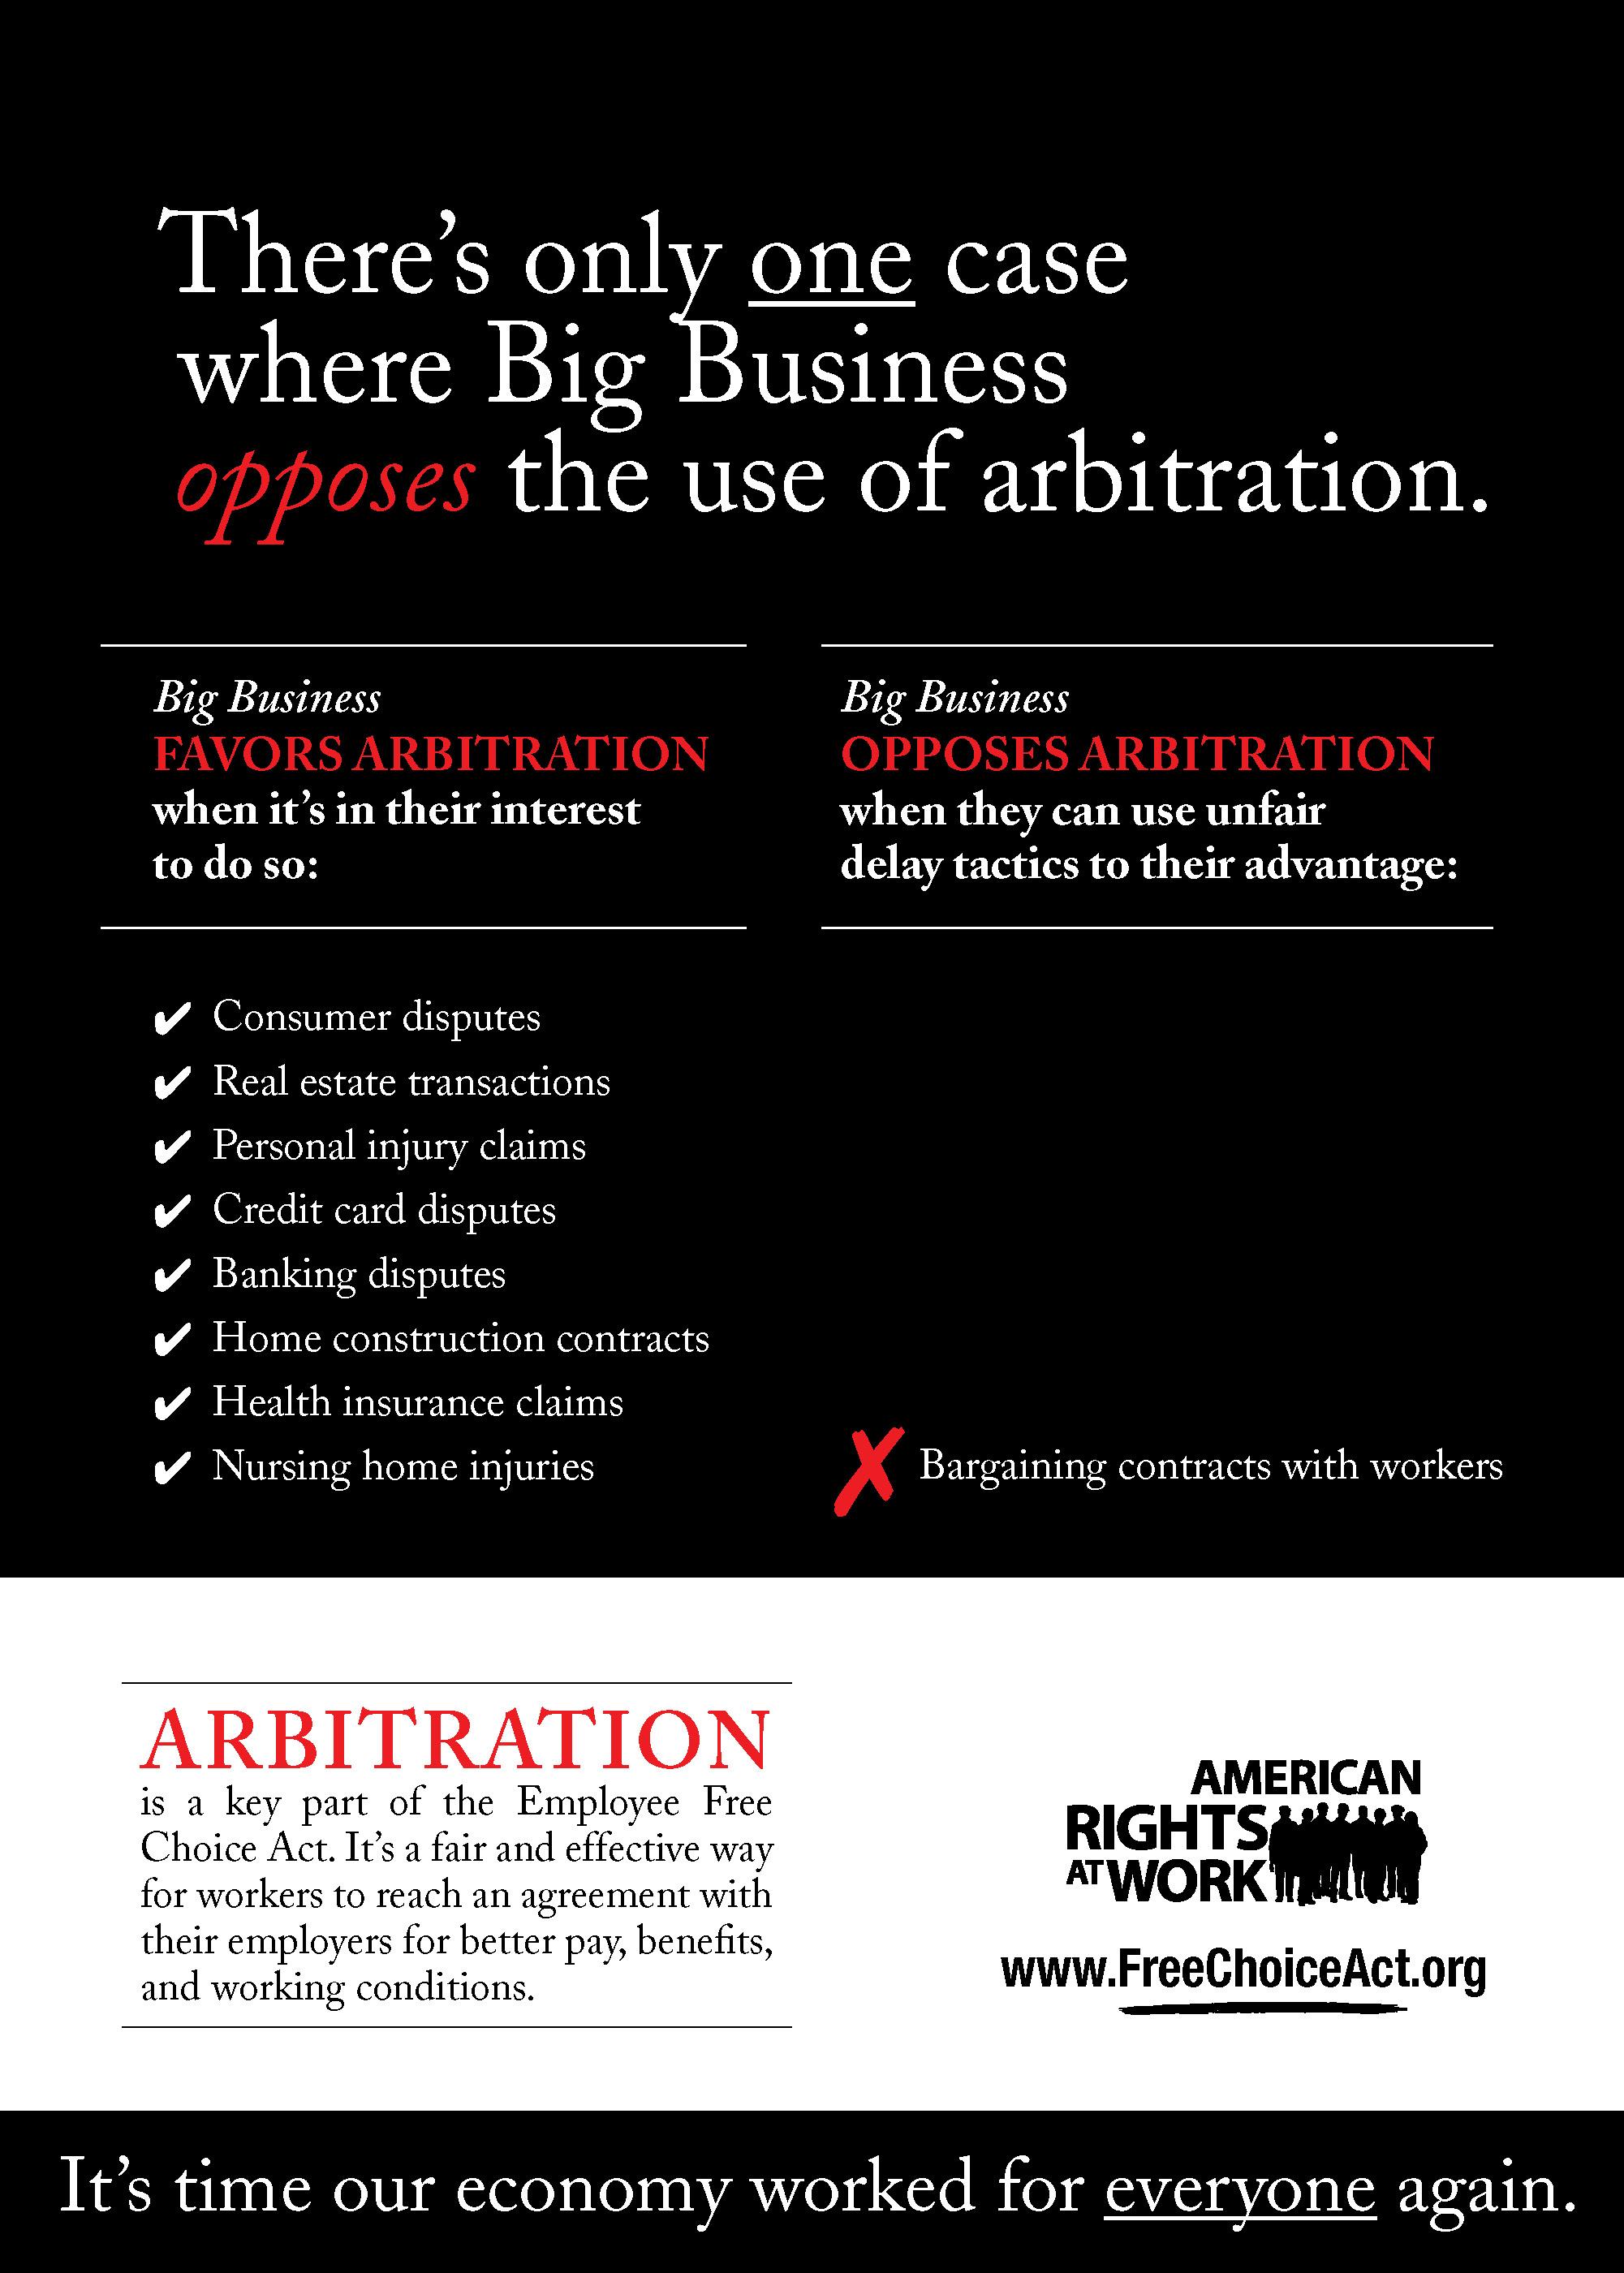 ARAW_ArbitrationAd.jpg